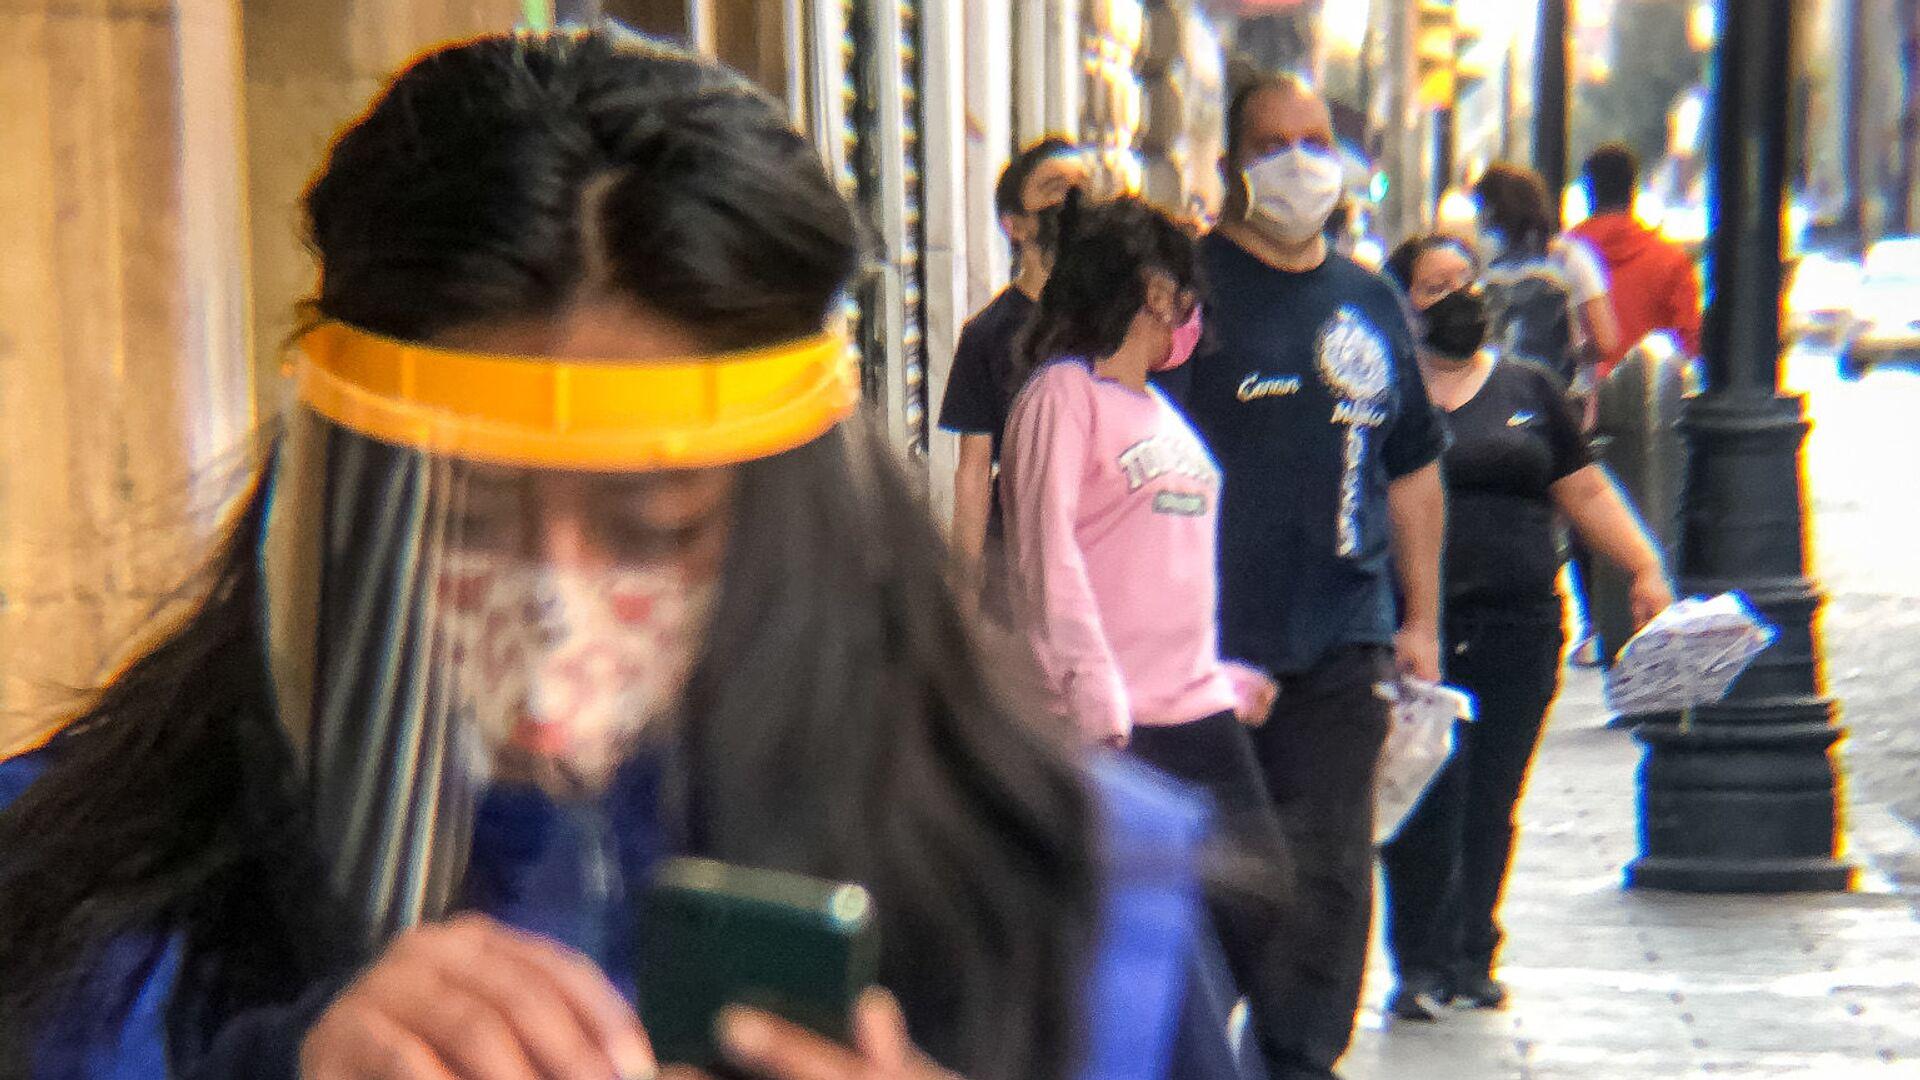 La capital mexicana vuelve al semáforo rojo por la crítica situación sanitaria que vive a raiz de la pandemia - Sputnik Mundo, 1920, 26.03.2021